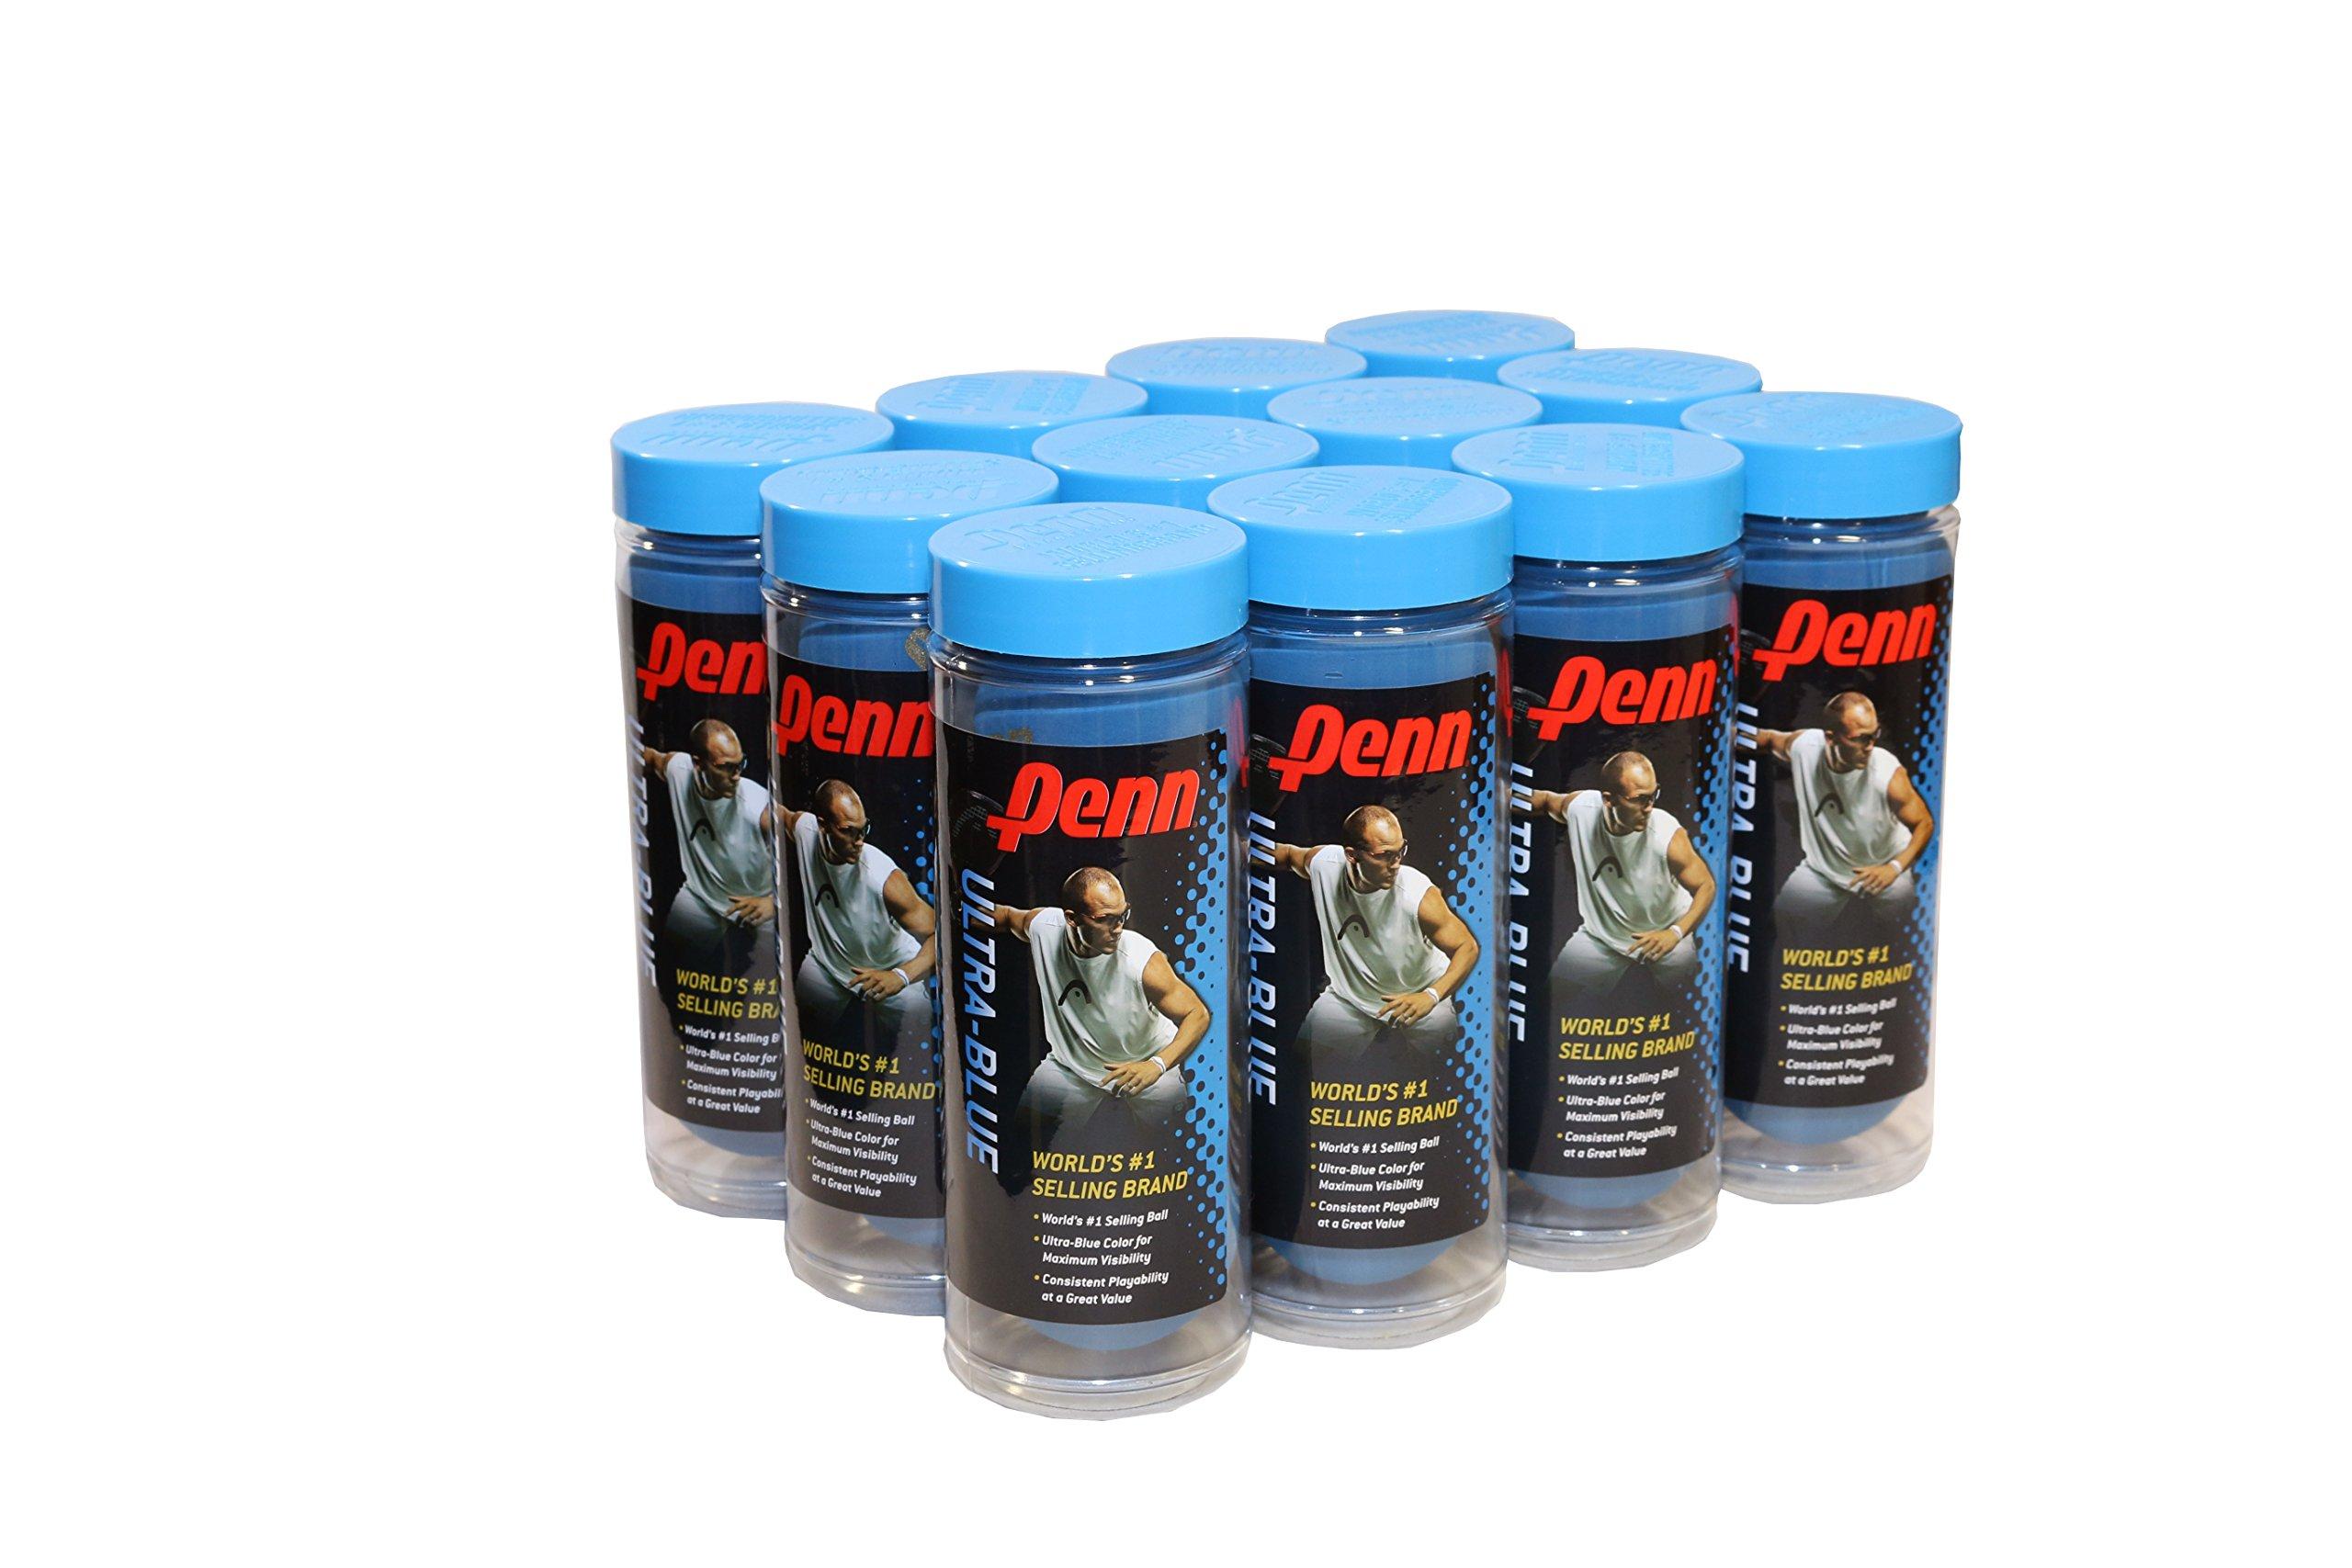 Penn Ultra Blue Racquetballs, 12 Can Case, 36 Balls